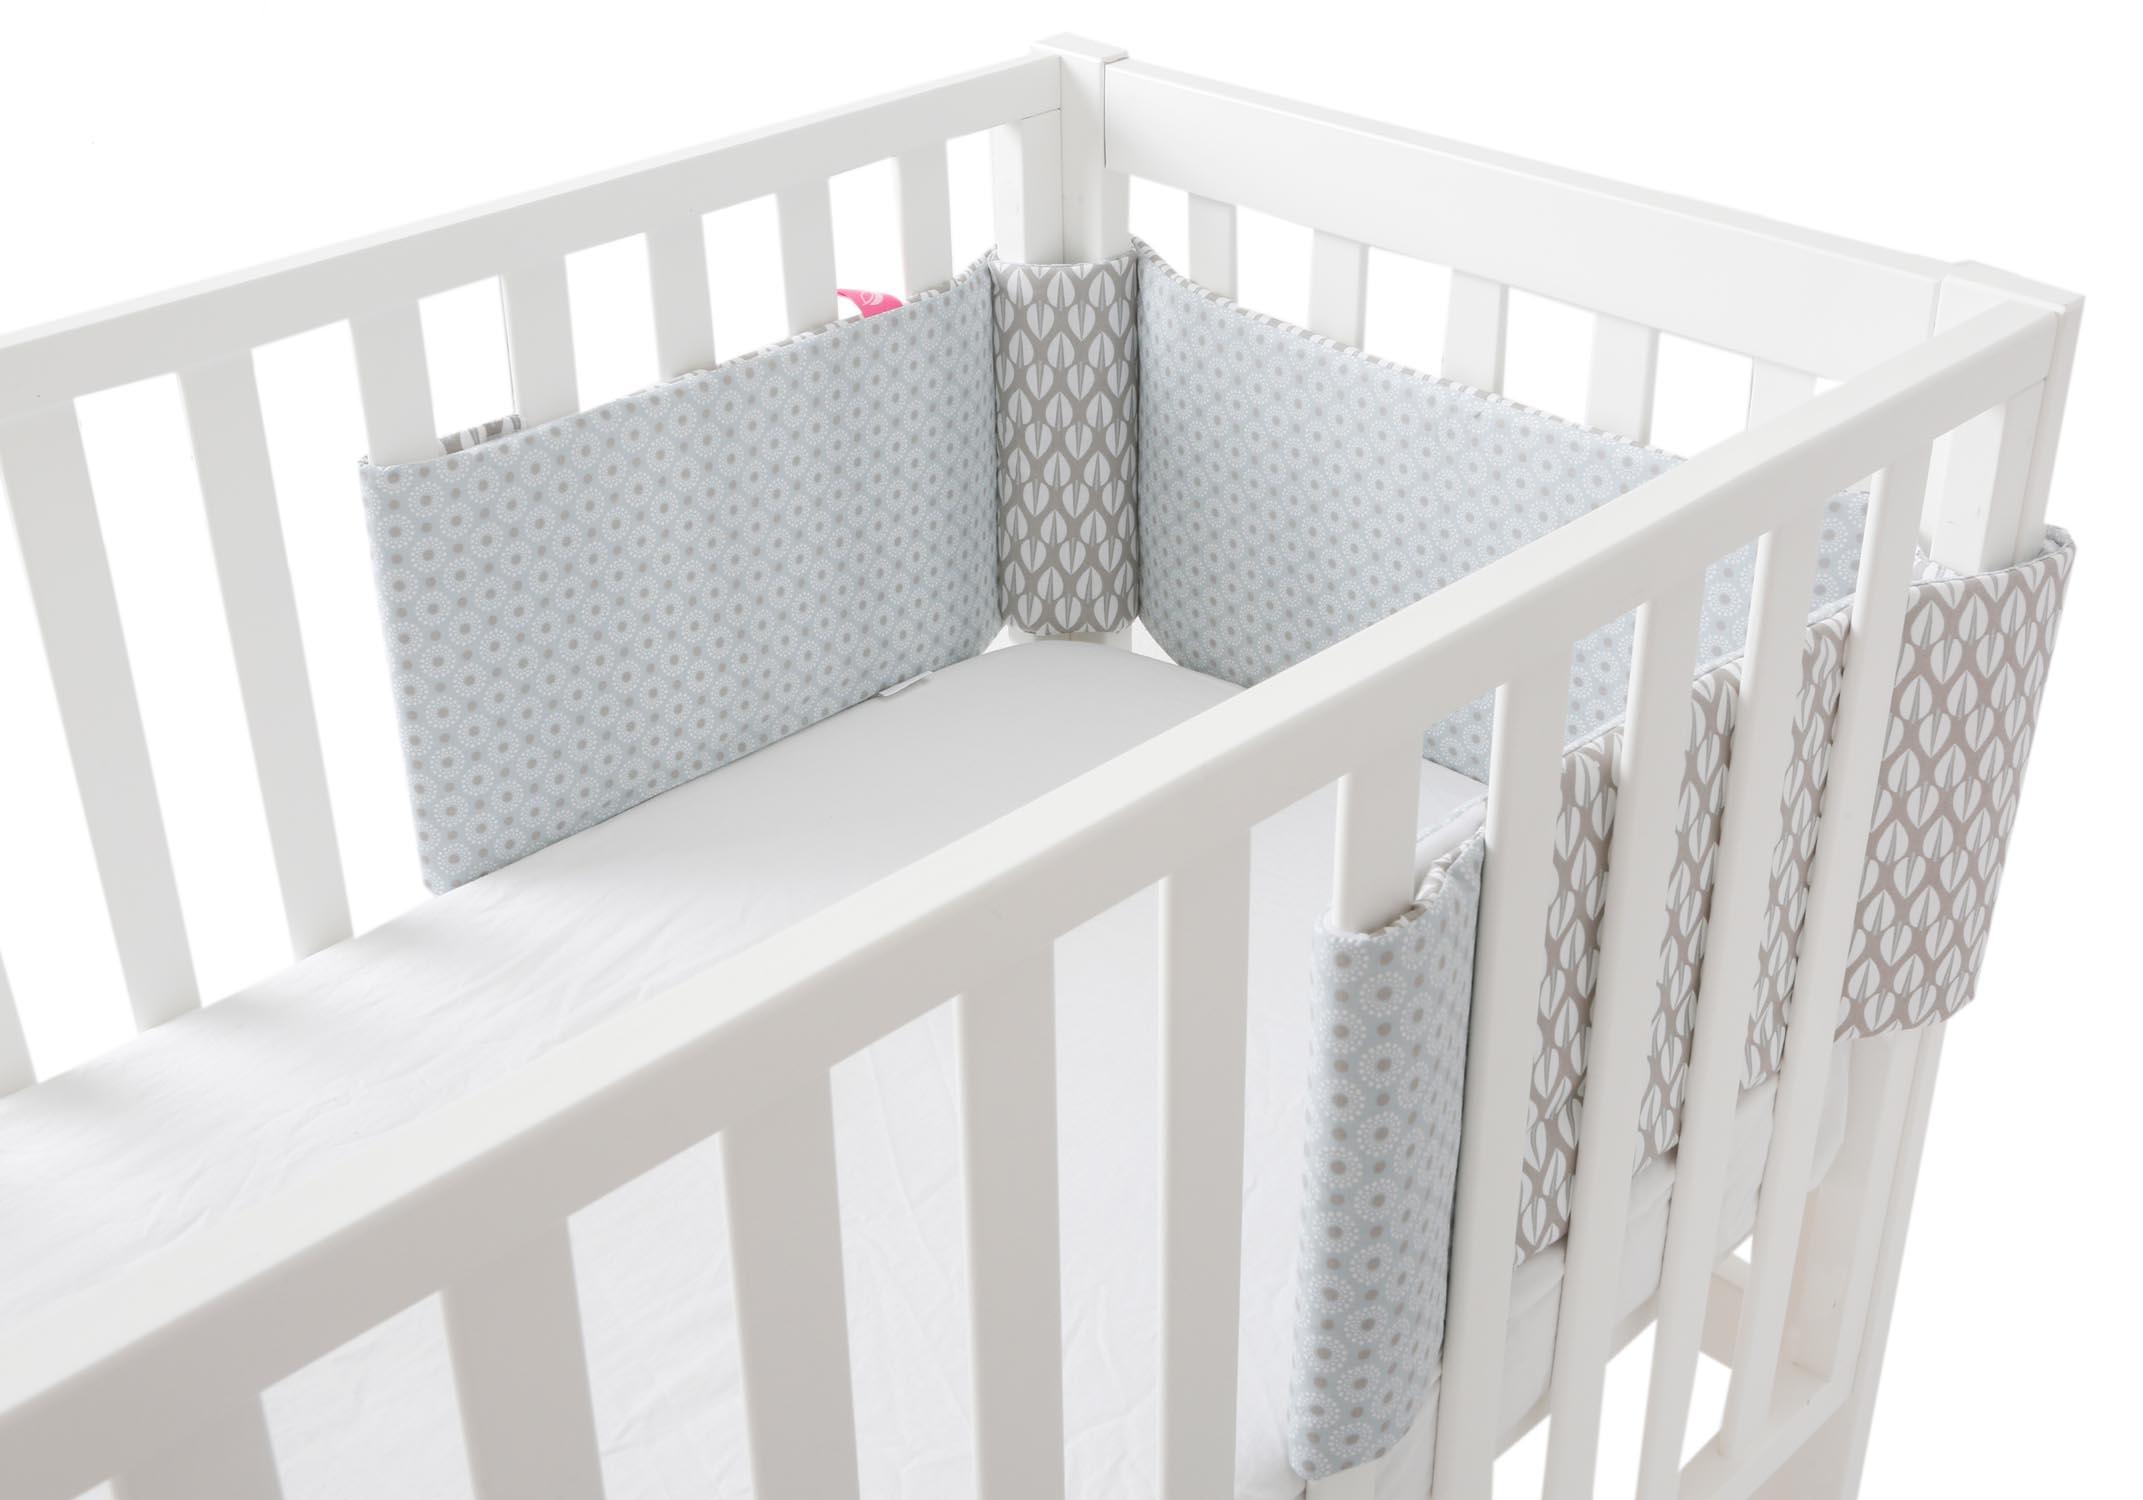 Nestchen Für Stubenwagen Nähen : Baby nestchen nestchen und himmel für stubenwagen nähen baby nähen